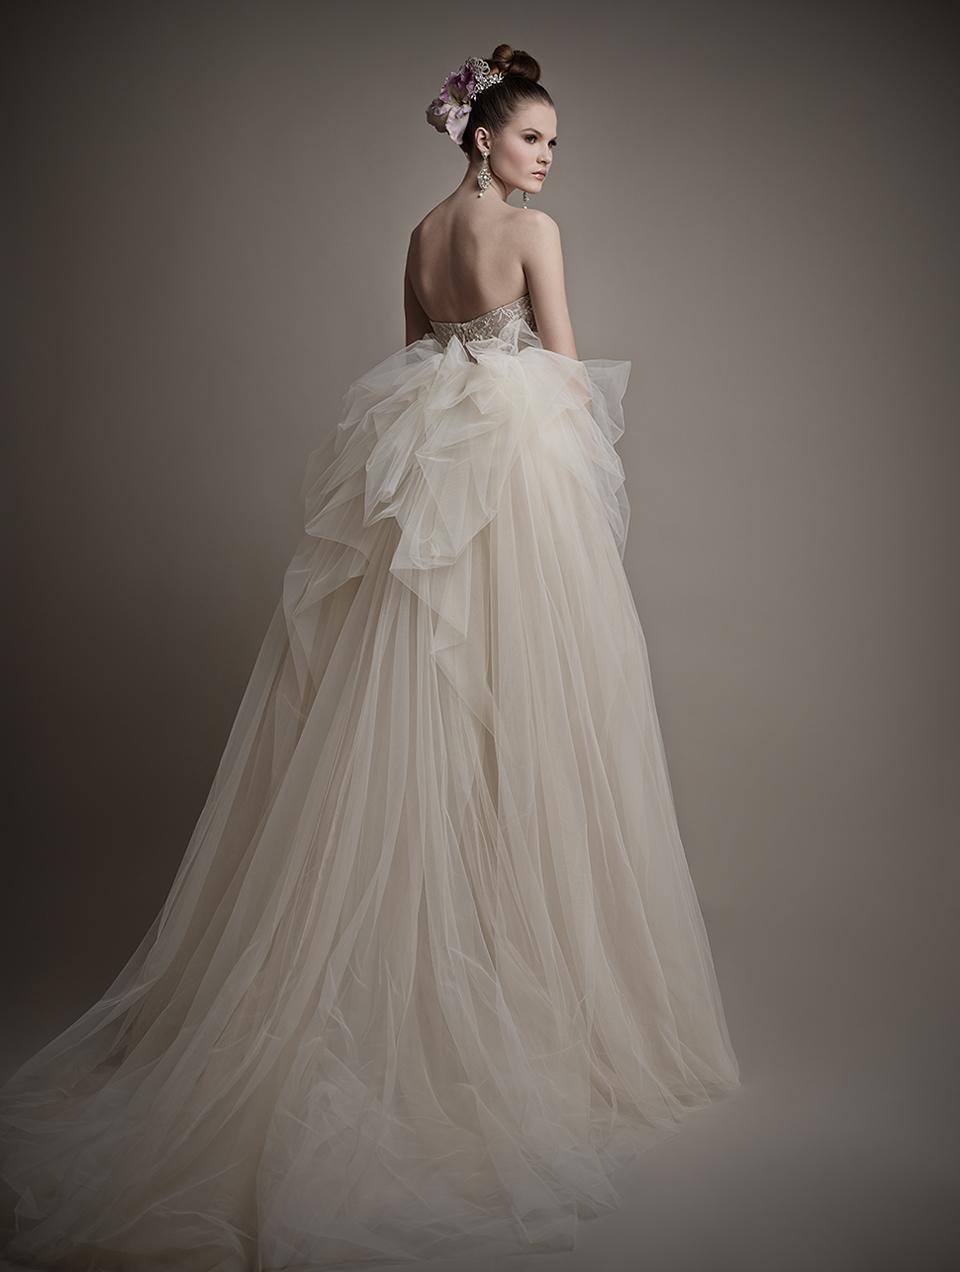 Коллекция свадебных платьев 2015 года от Ersa Atelier1-1